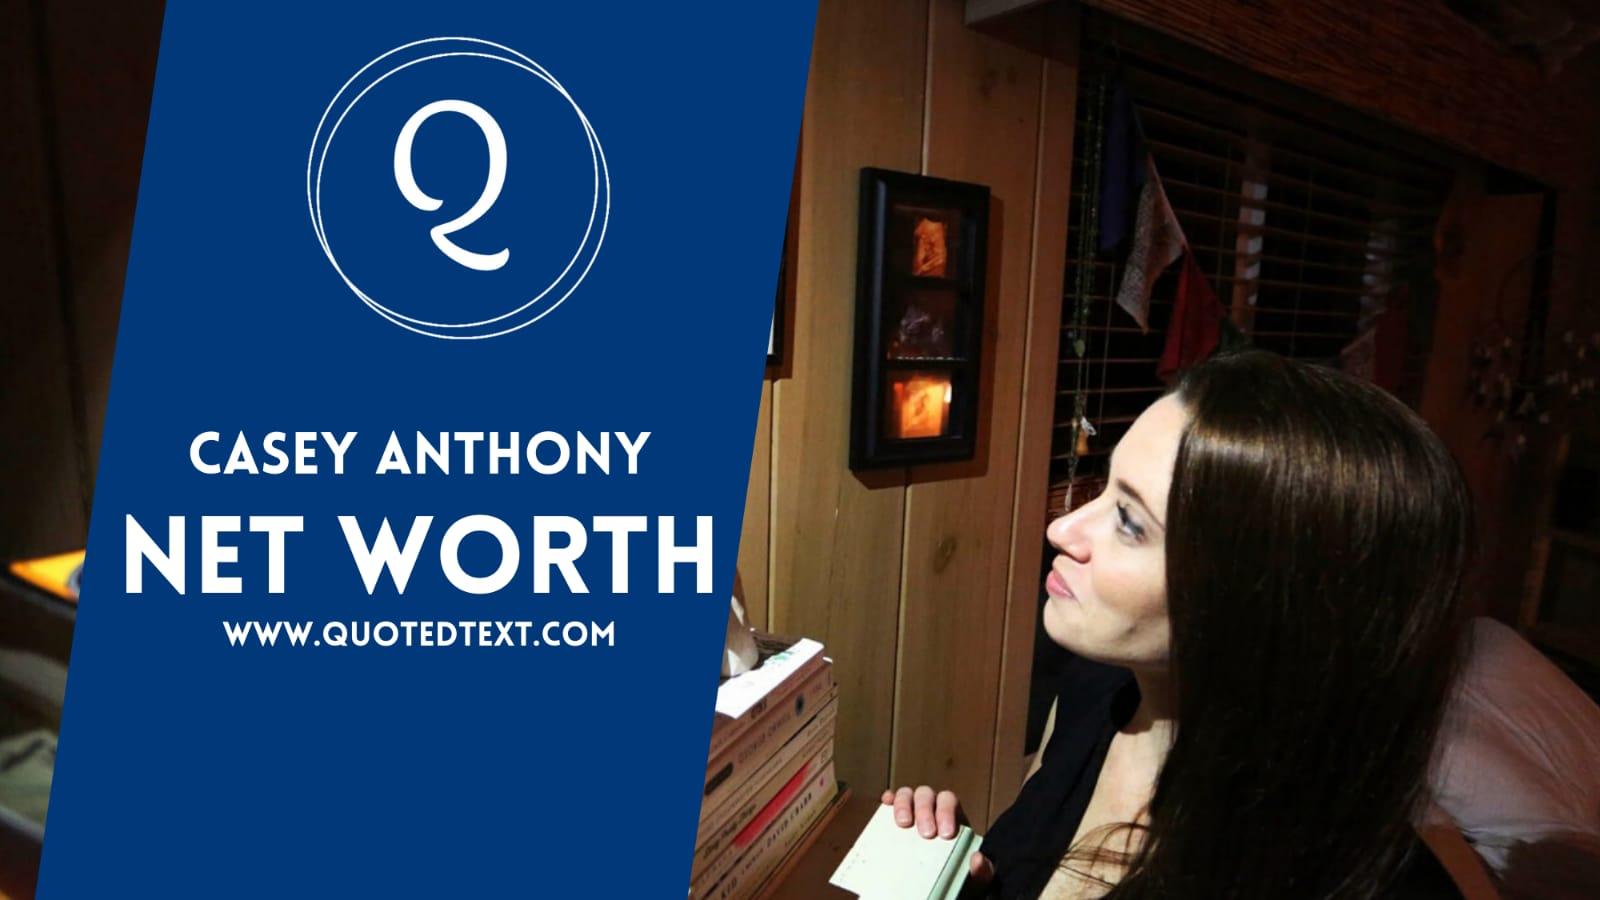 Casey Anthony net worth